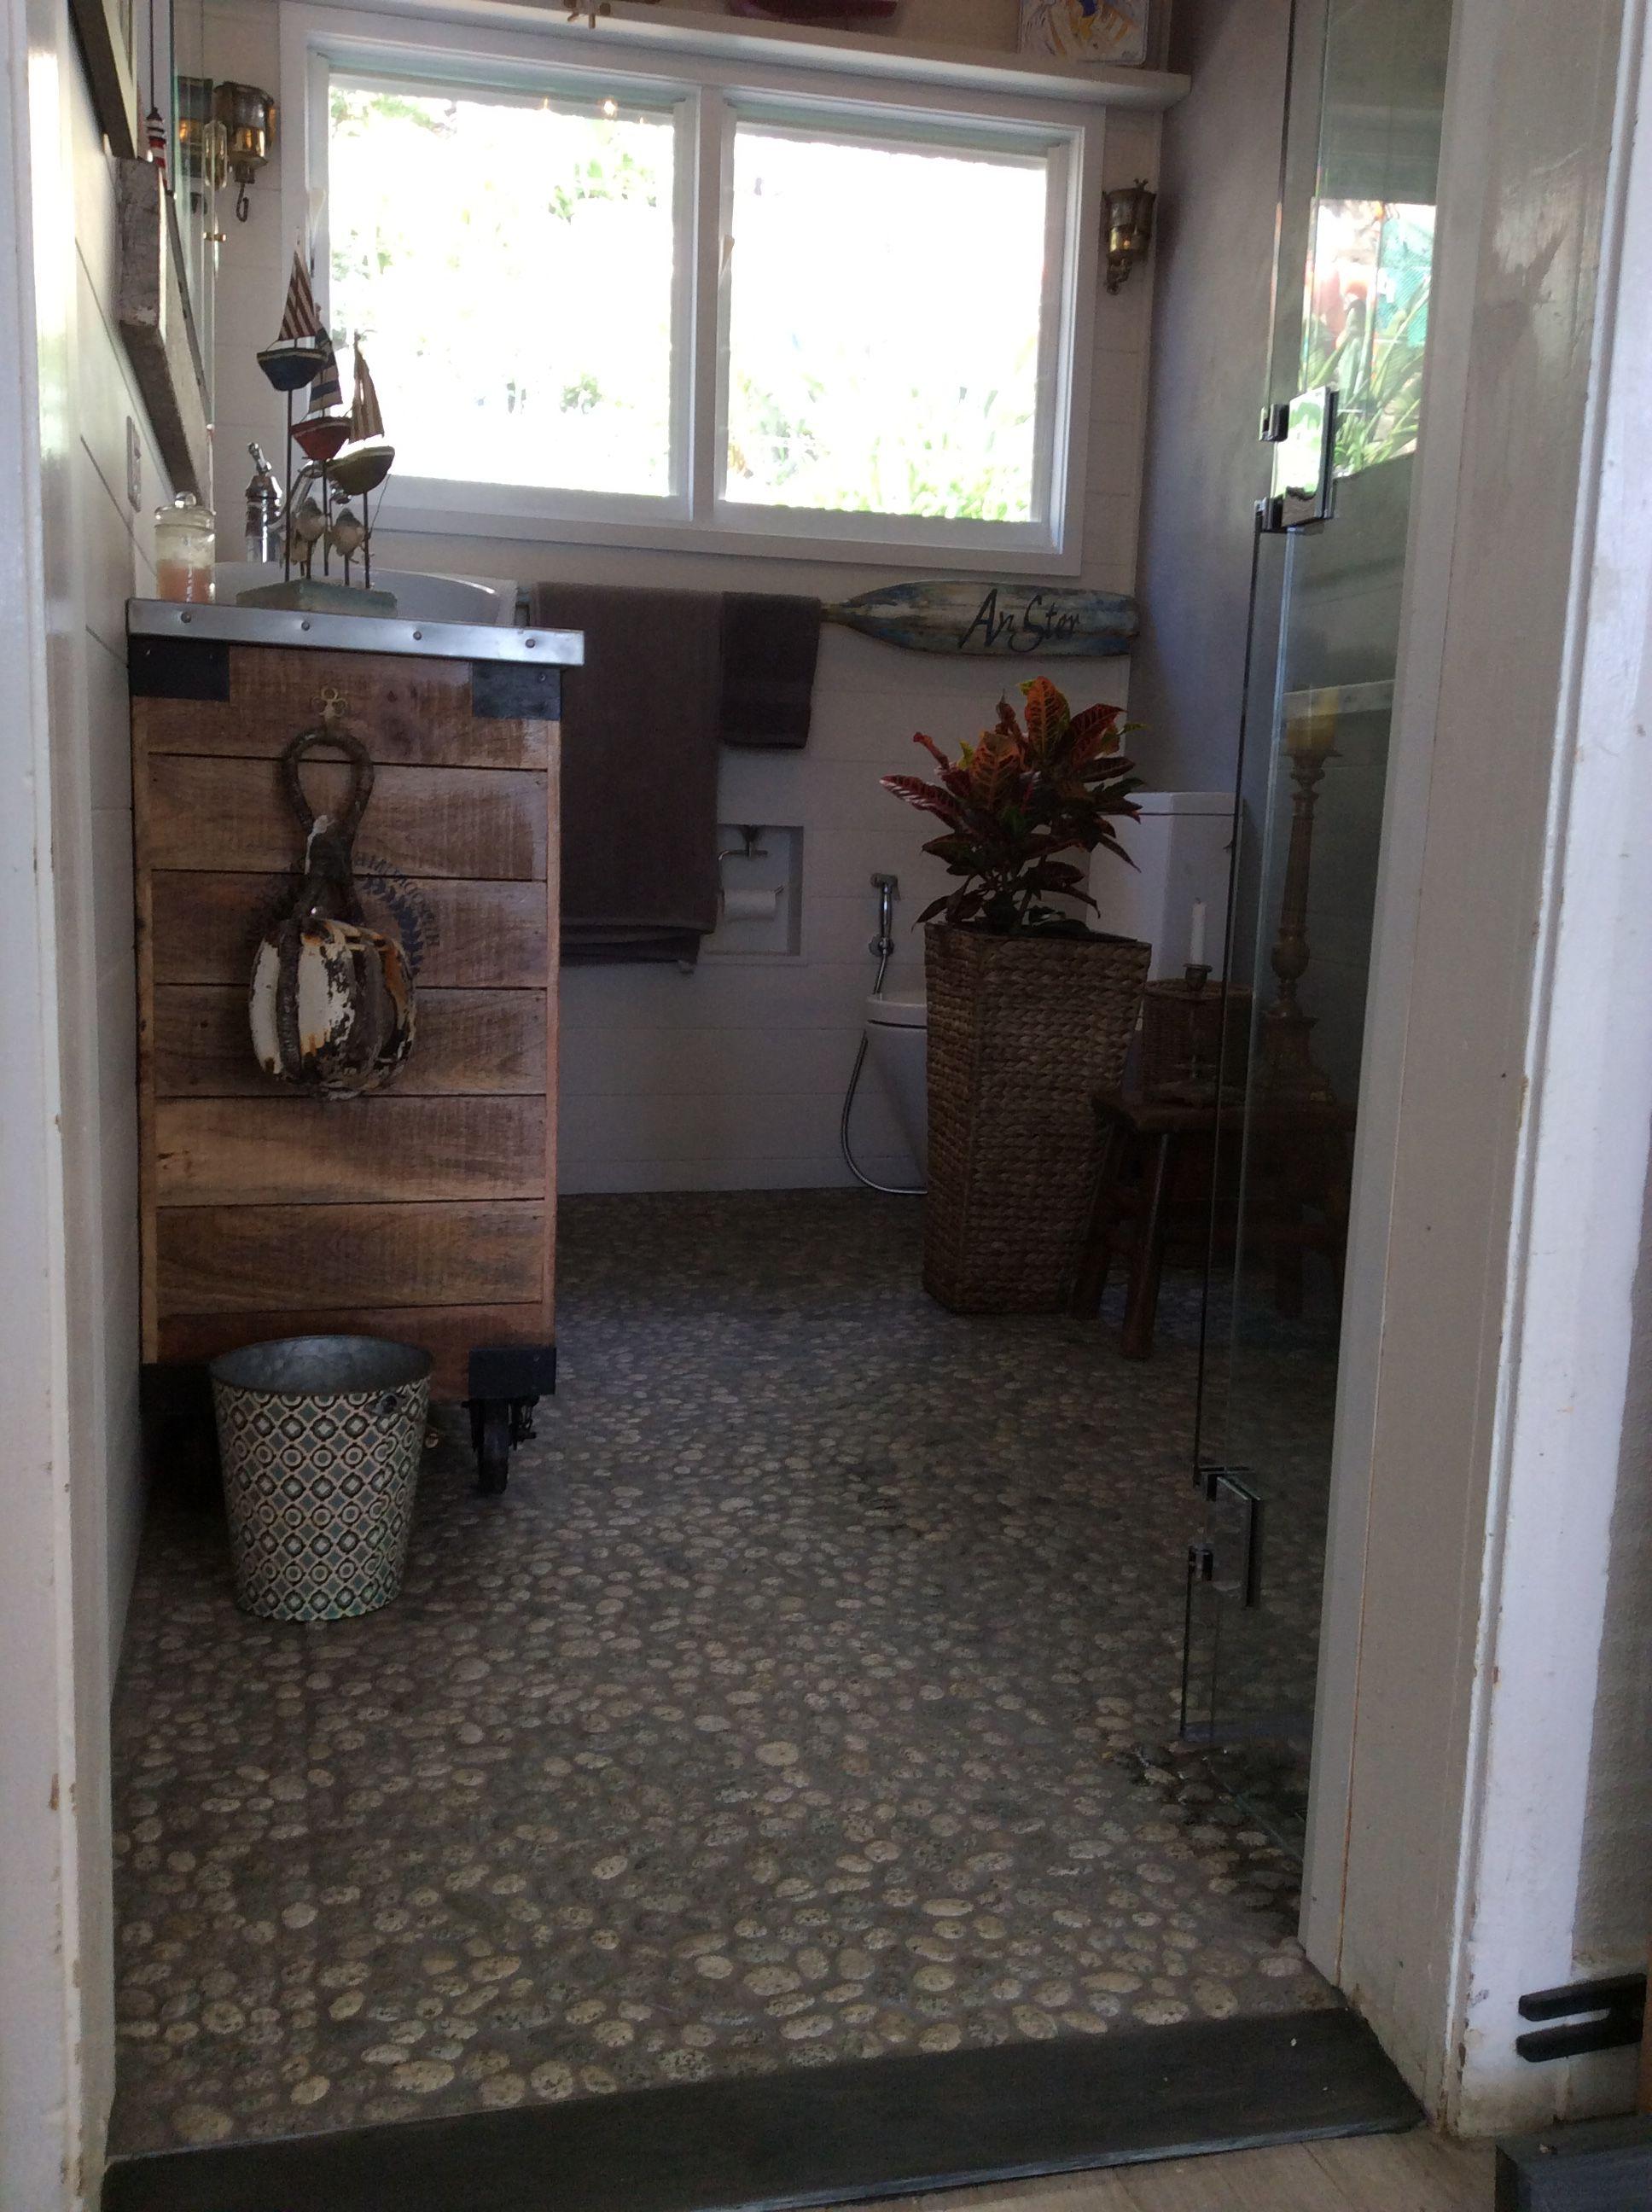 Pebbles flooring in my bathroom | Pebble floor, Entryway ...